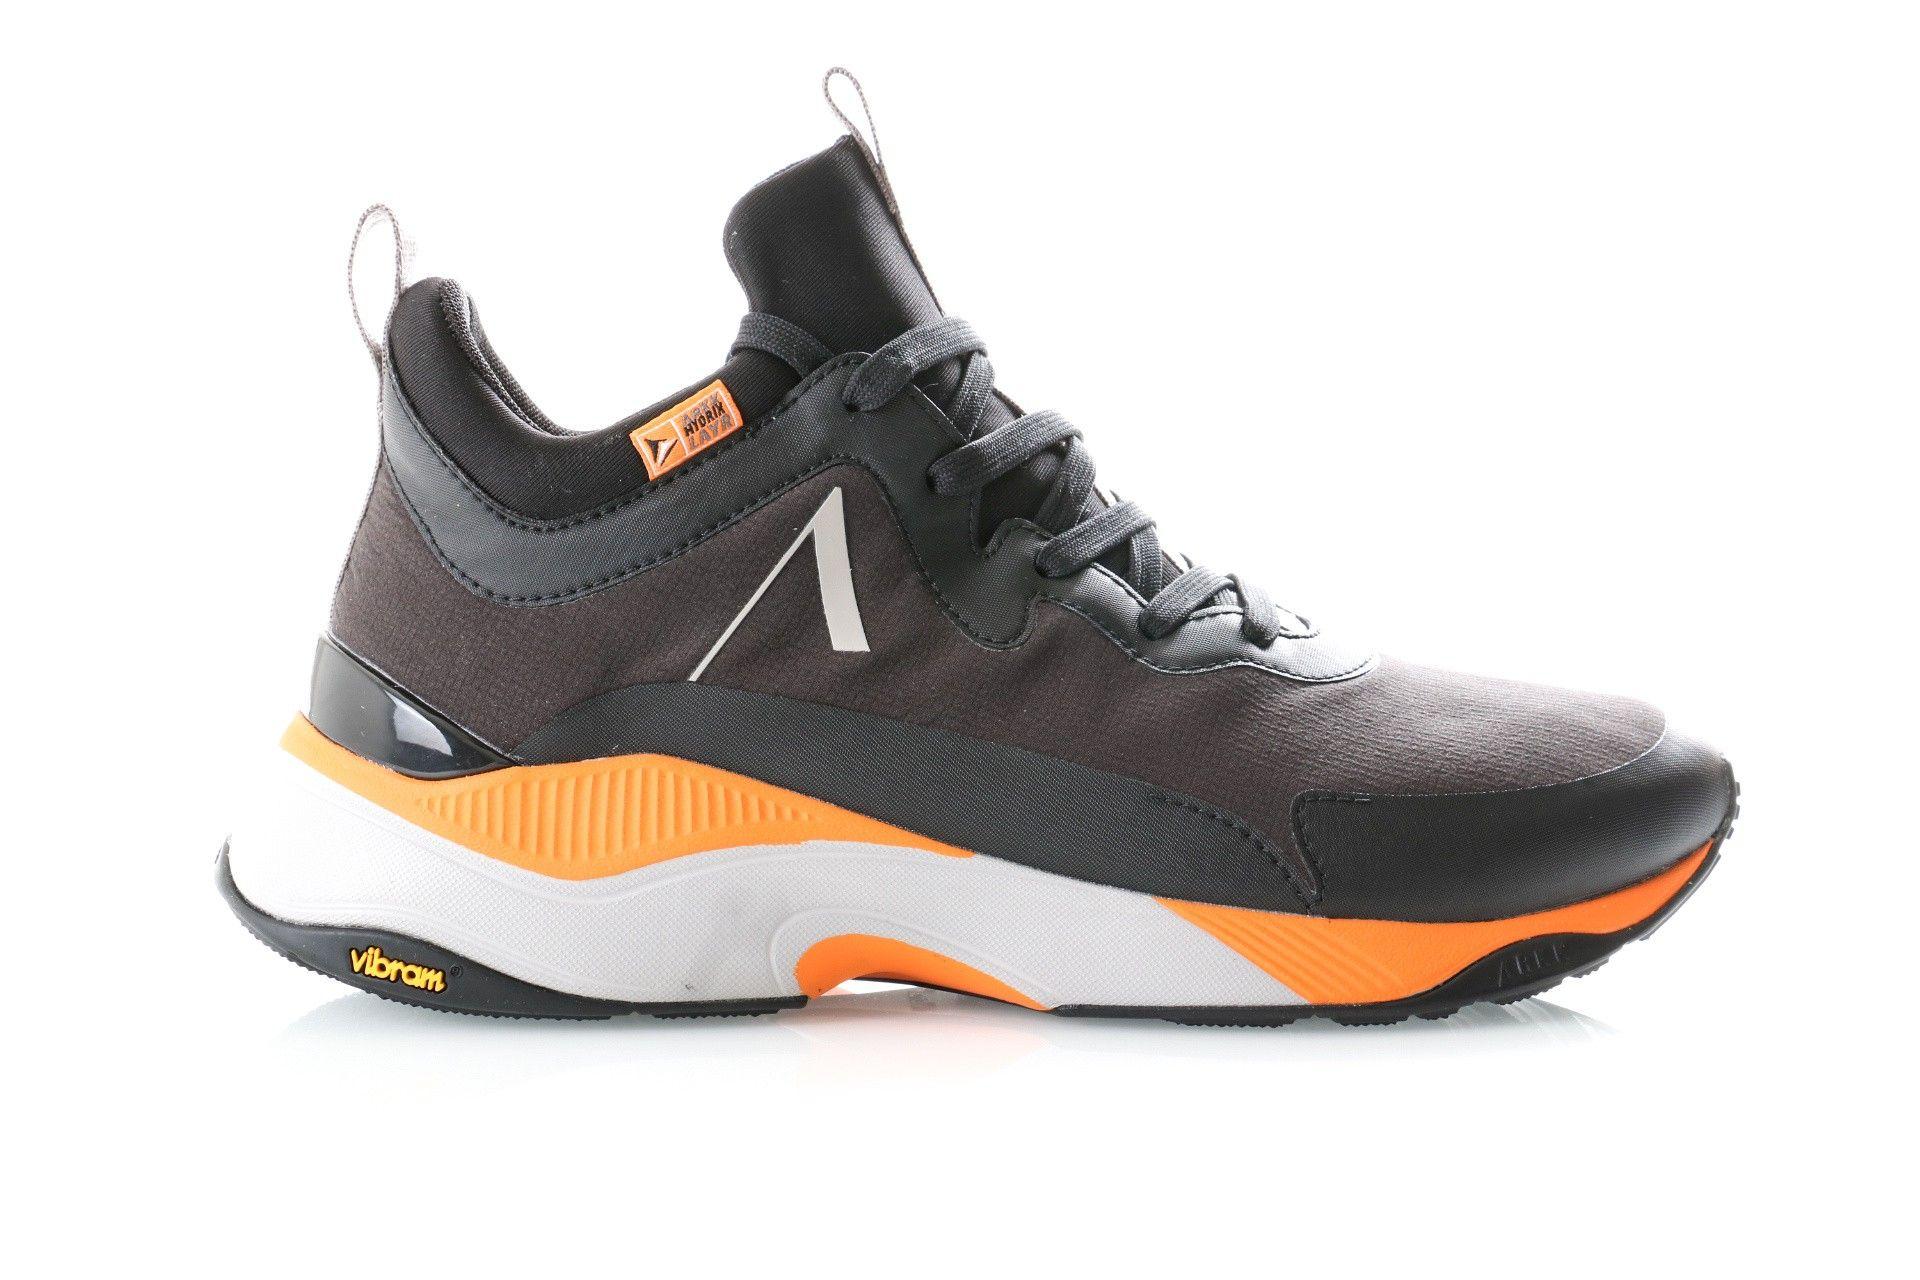 Afbeelding van Arkk Stormrydr Ml4301-9918-M Sneakers Black Orange Glory